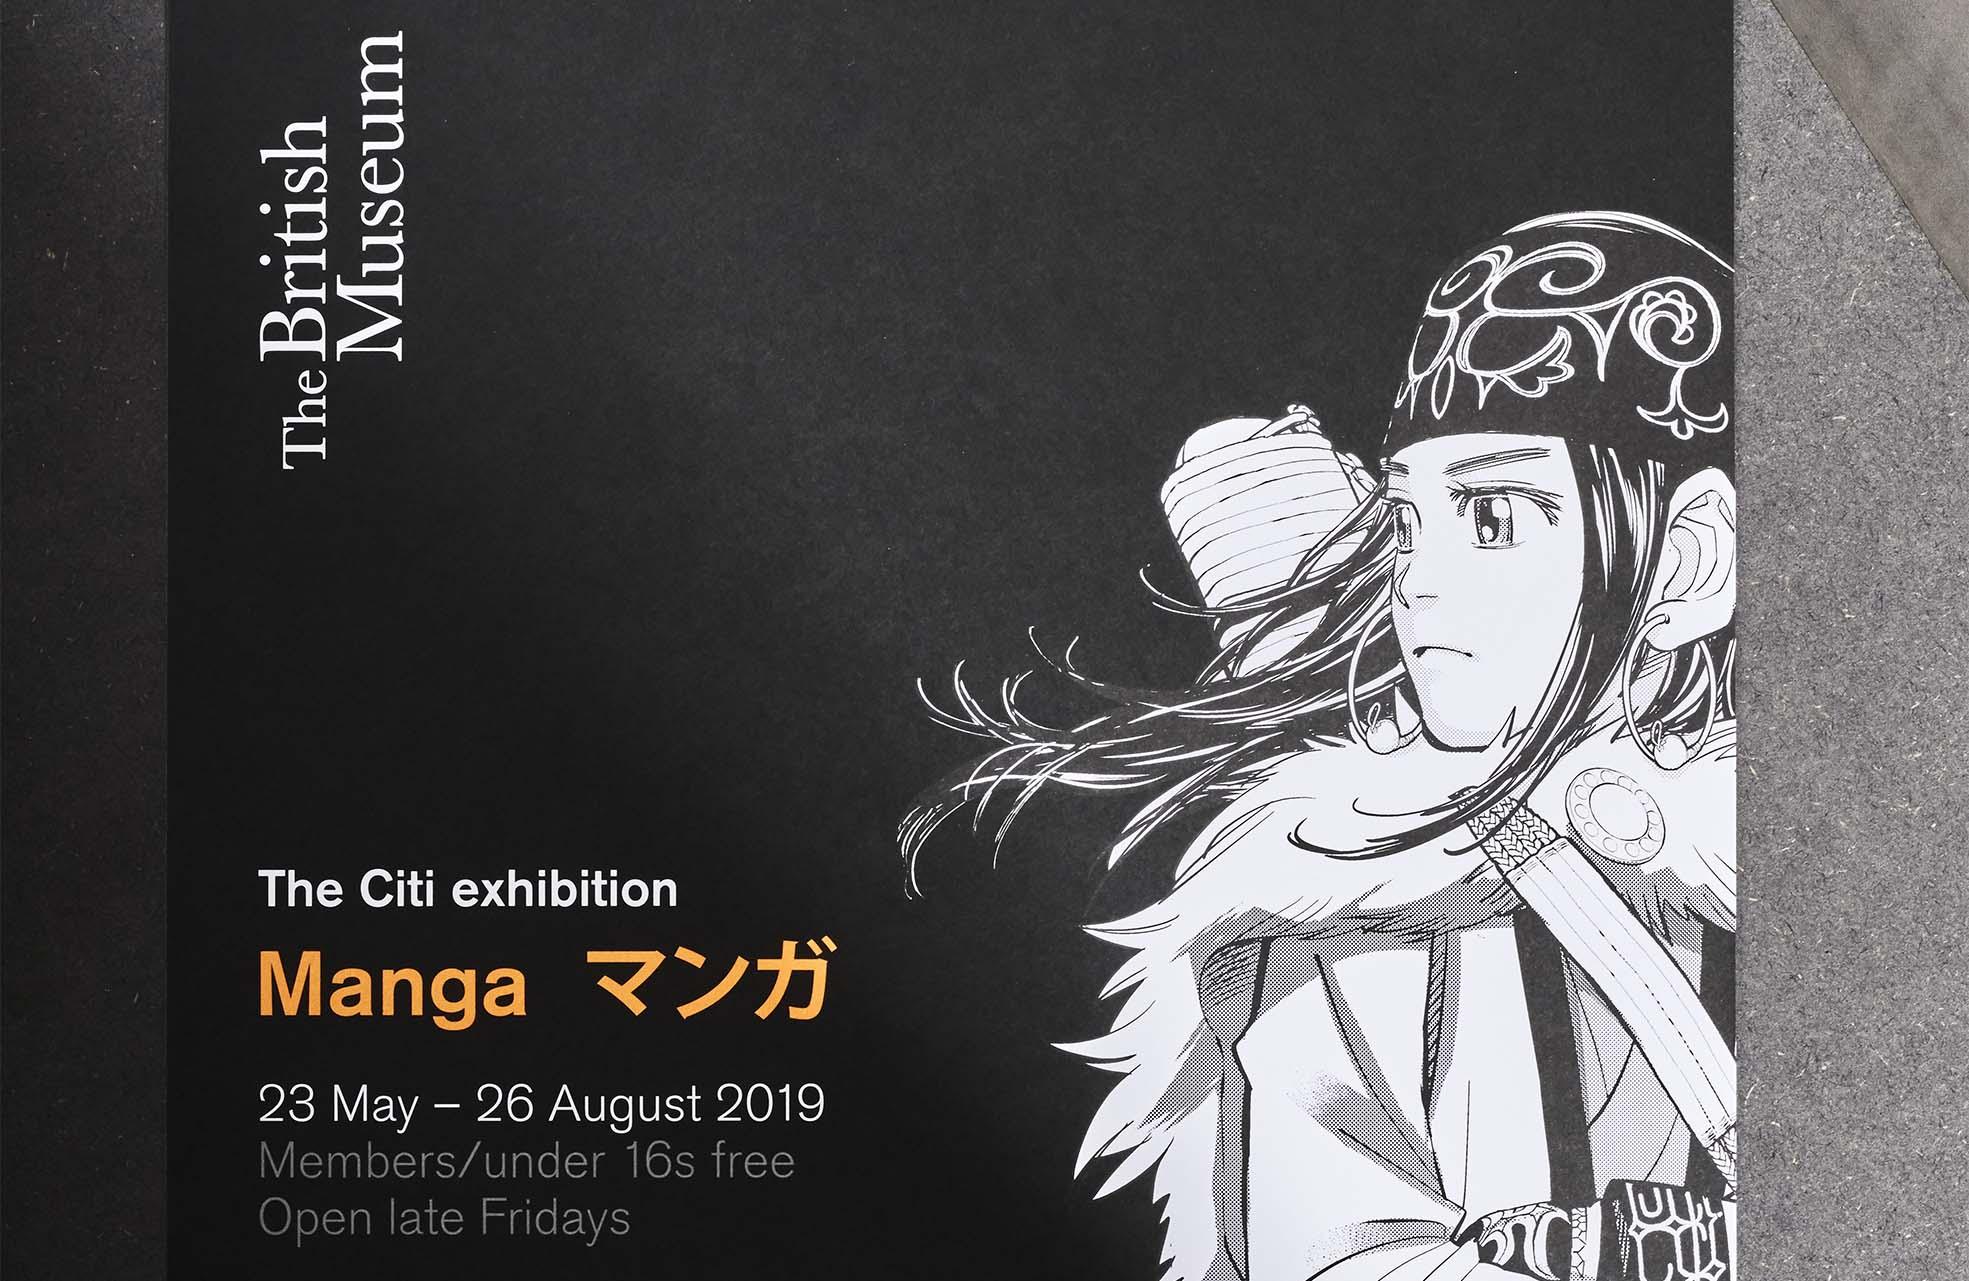 British Museum Manga